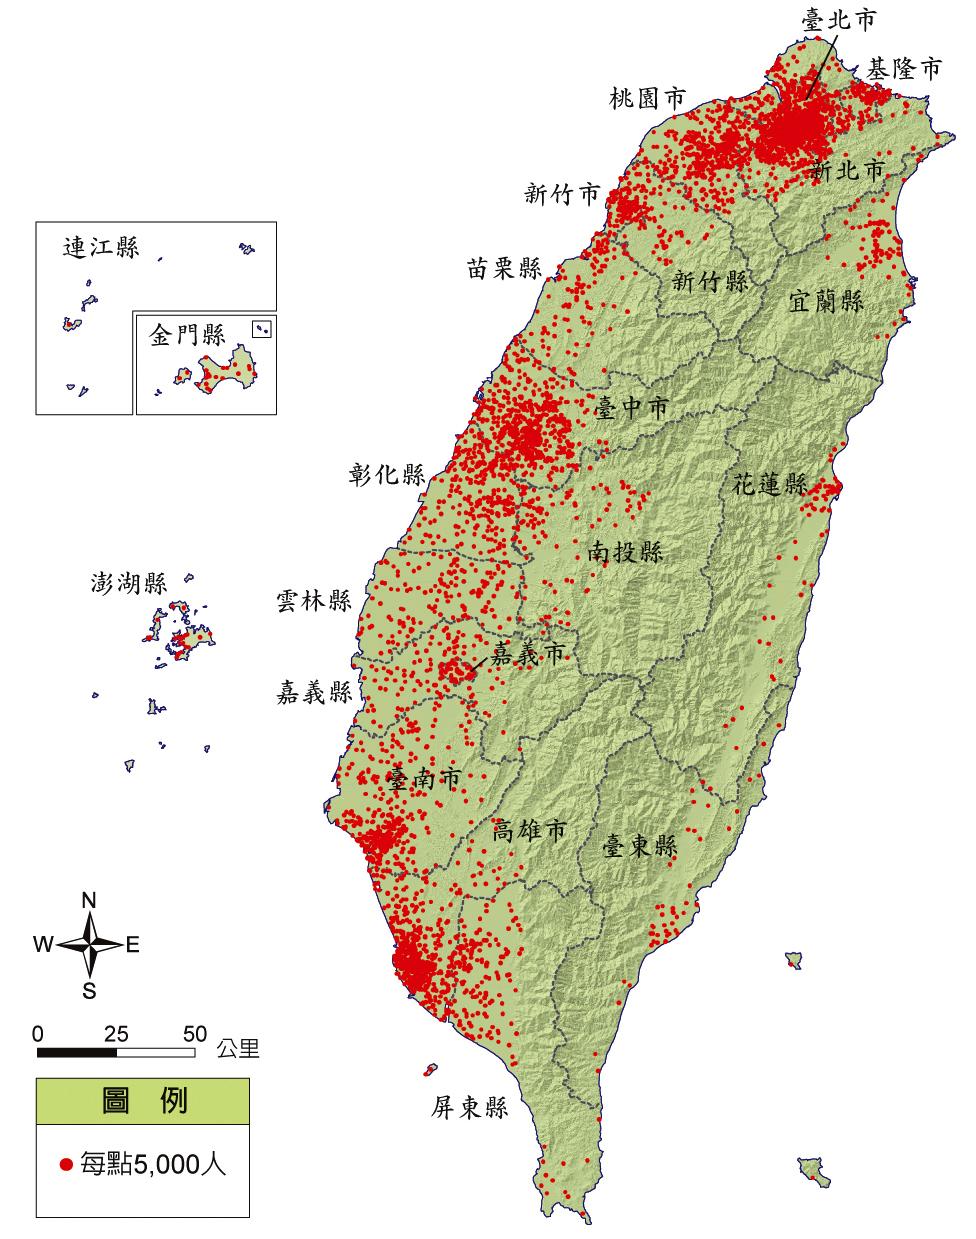 地理教室,無國界: 國一第二冊L1人口補充資料~上課講義